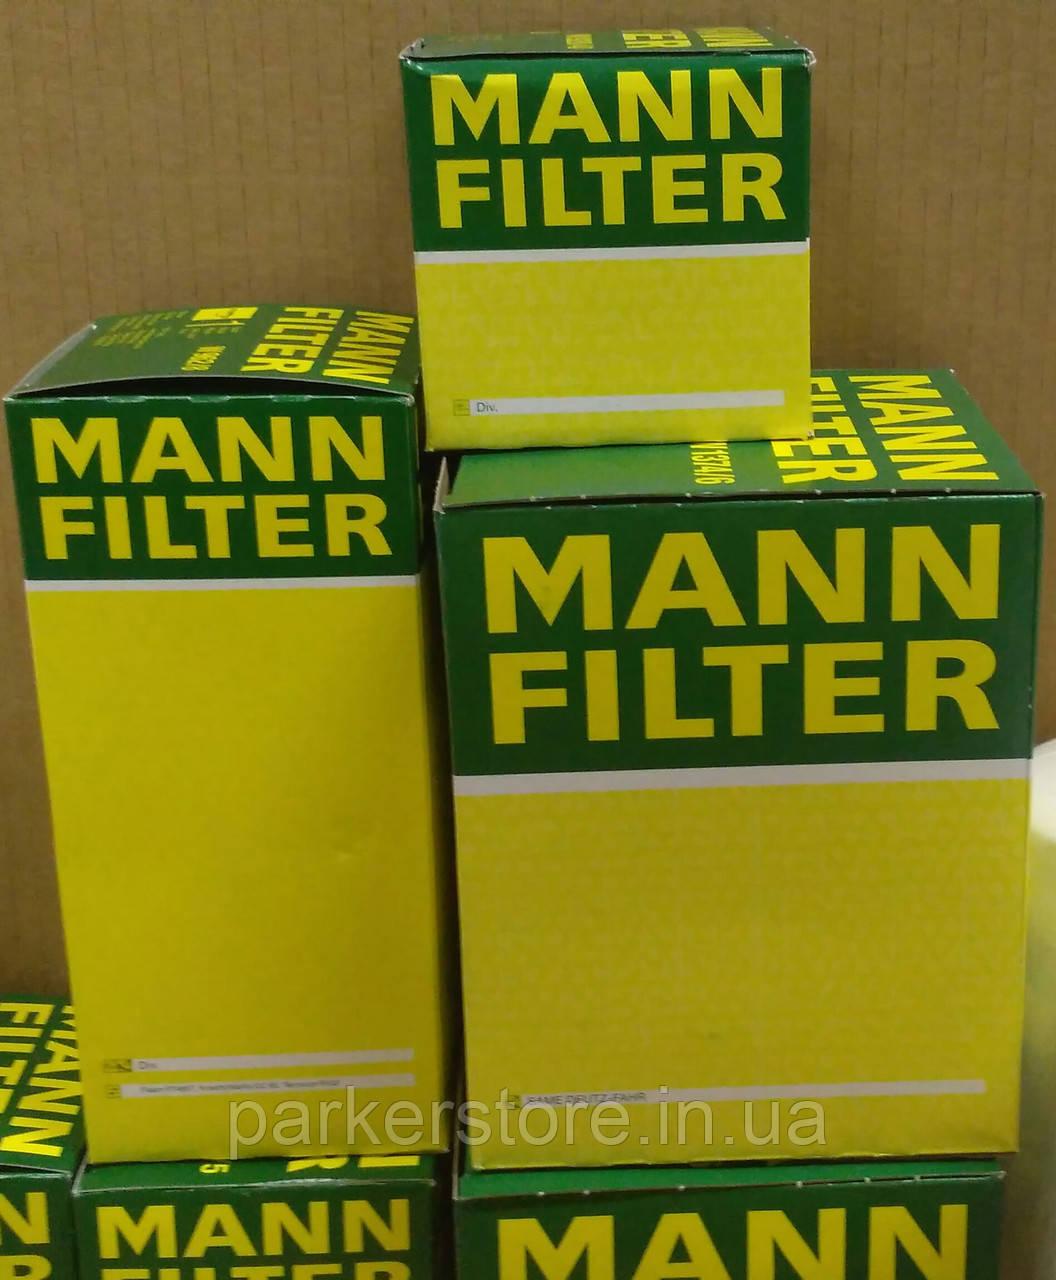 MANN FILTER / Повітряний фільтр / C 18 114 / C18114